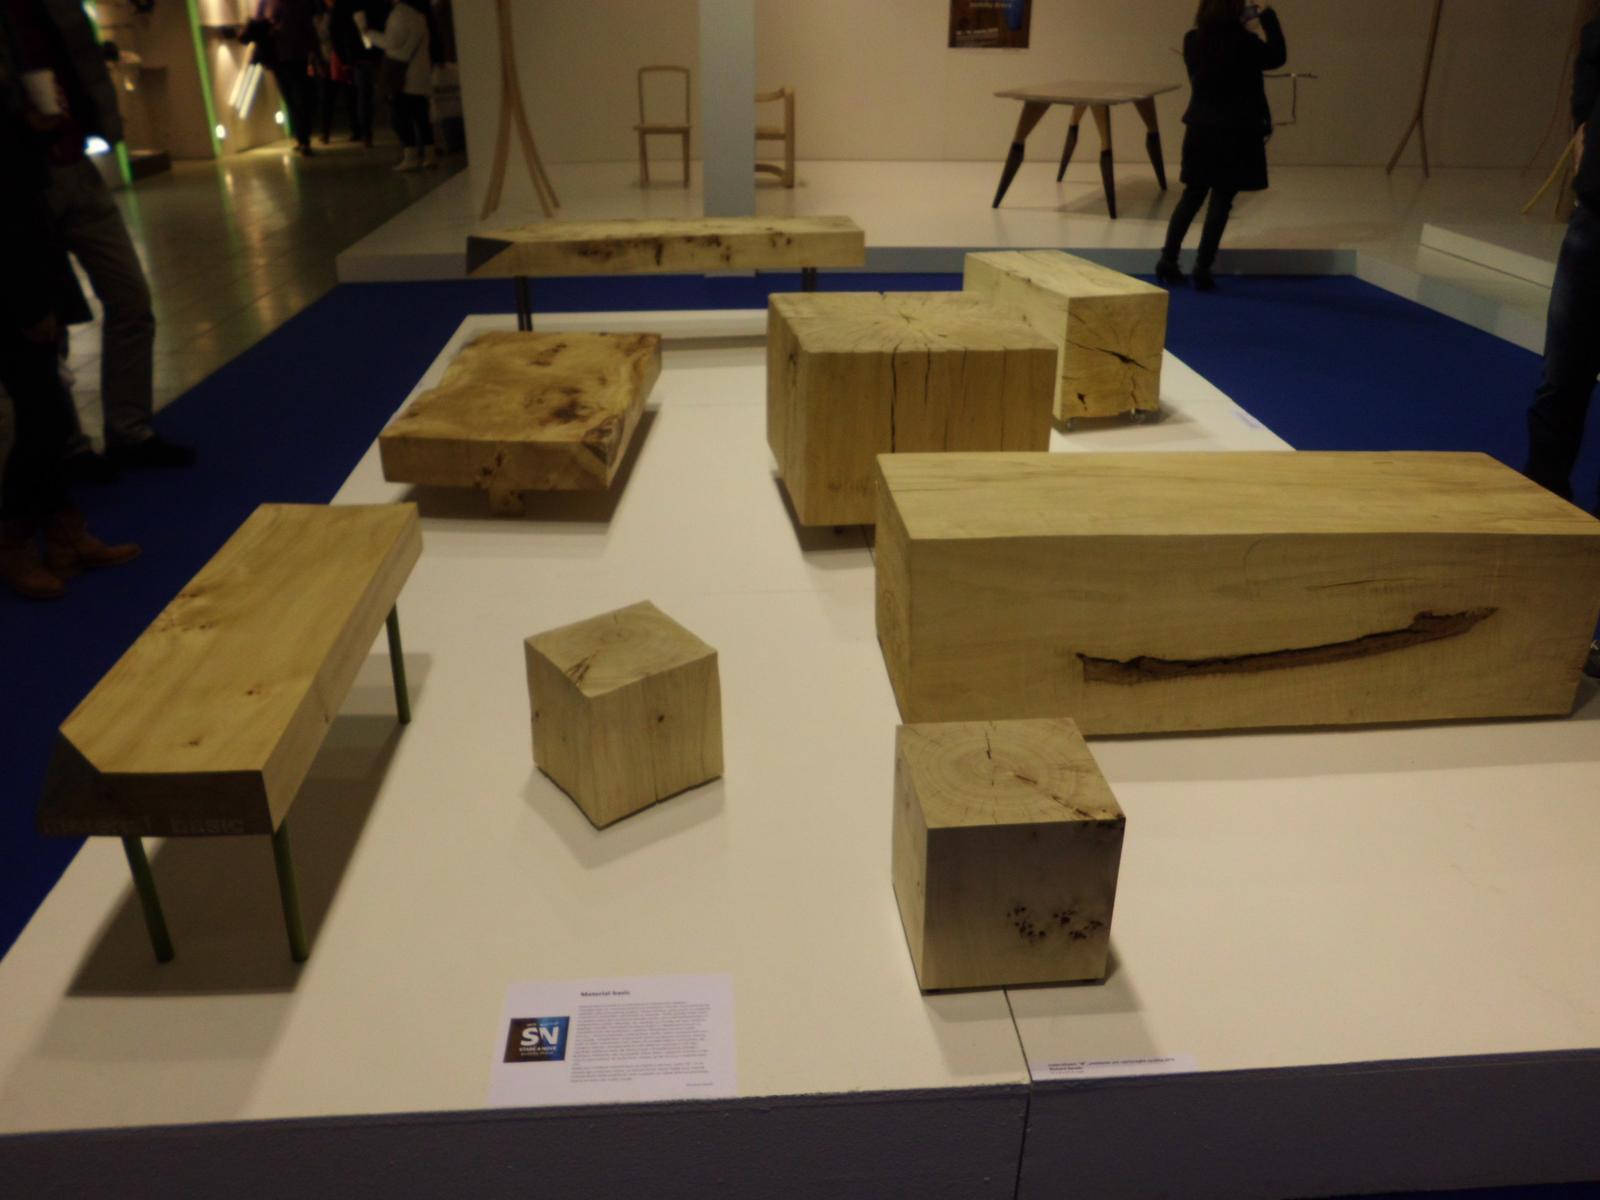 Výstava Nitra 2015 mojimi očami...:) - a jeden taký kus do obývačky, čo by nie...:-D